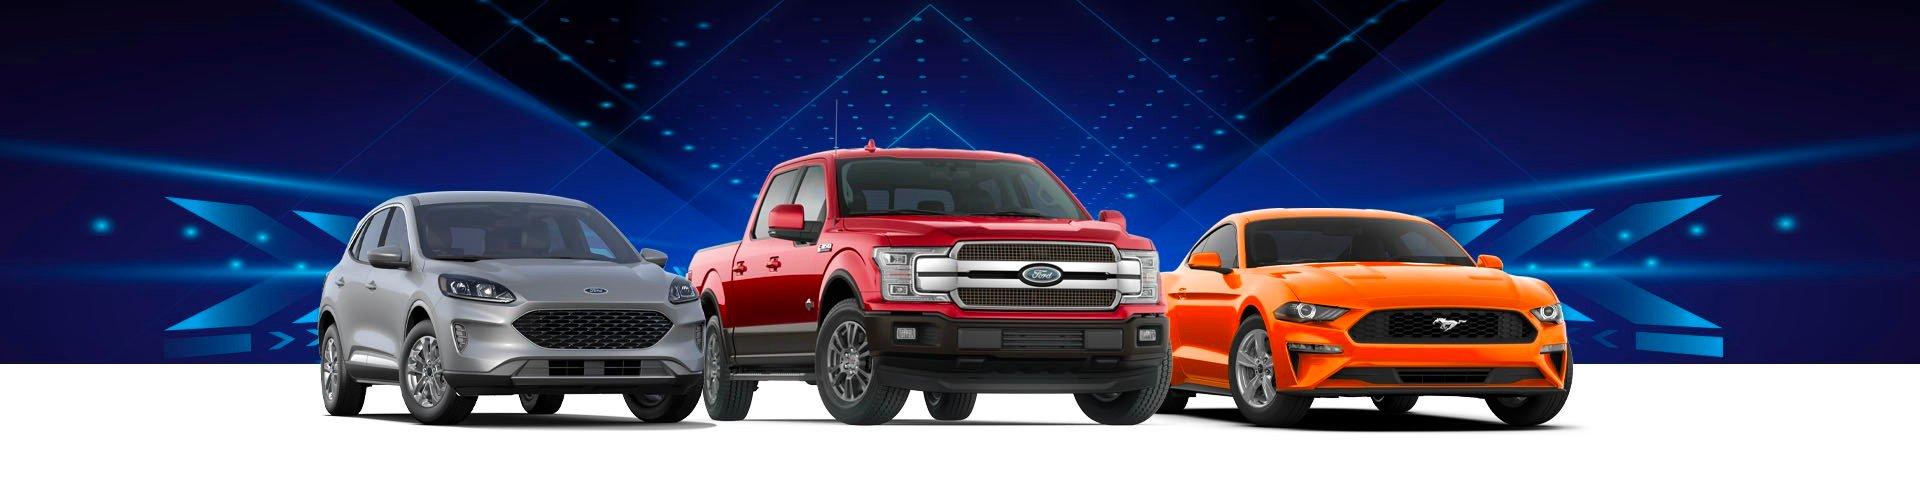 2020 Ford models for sale FL